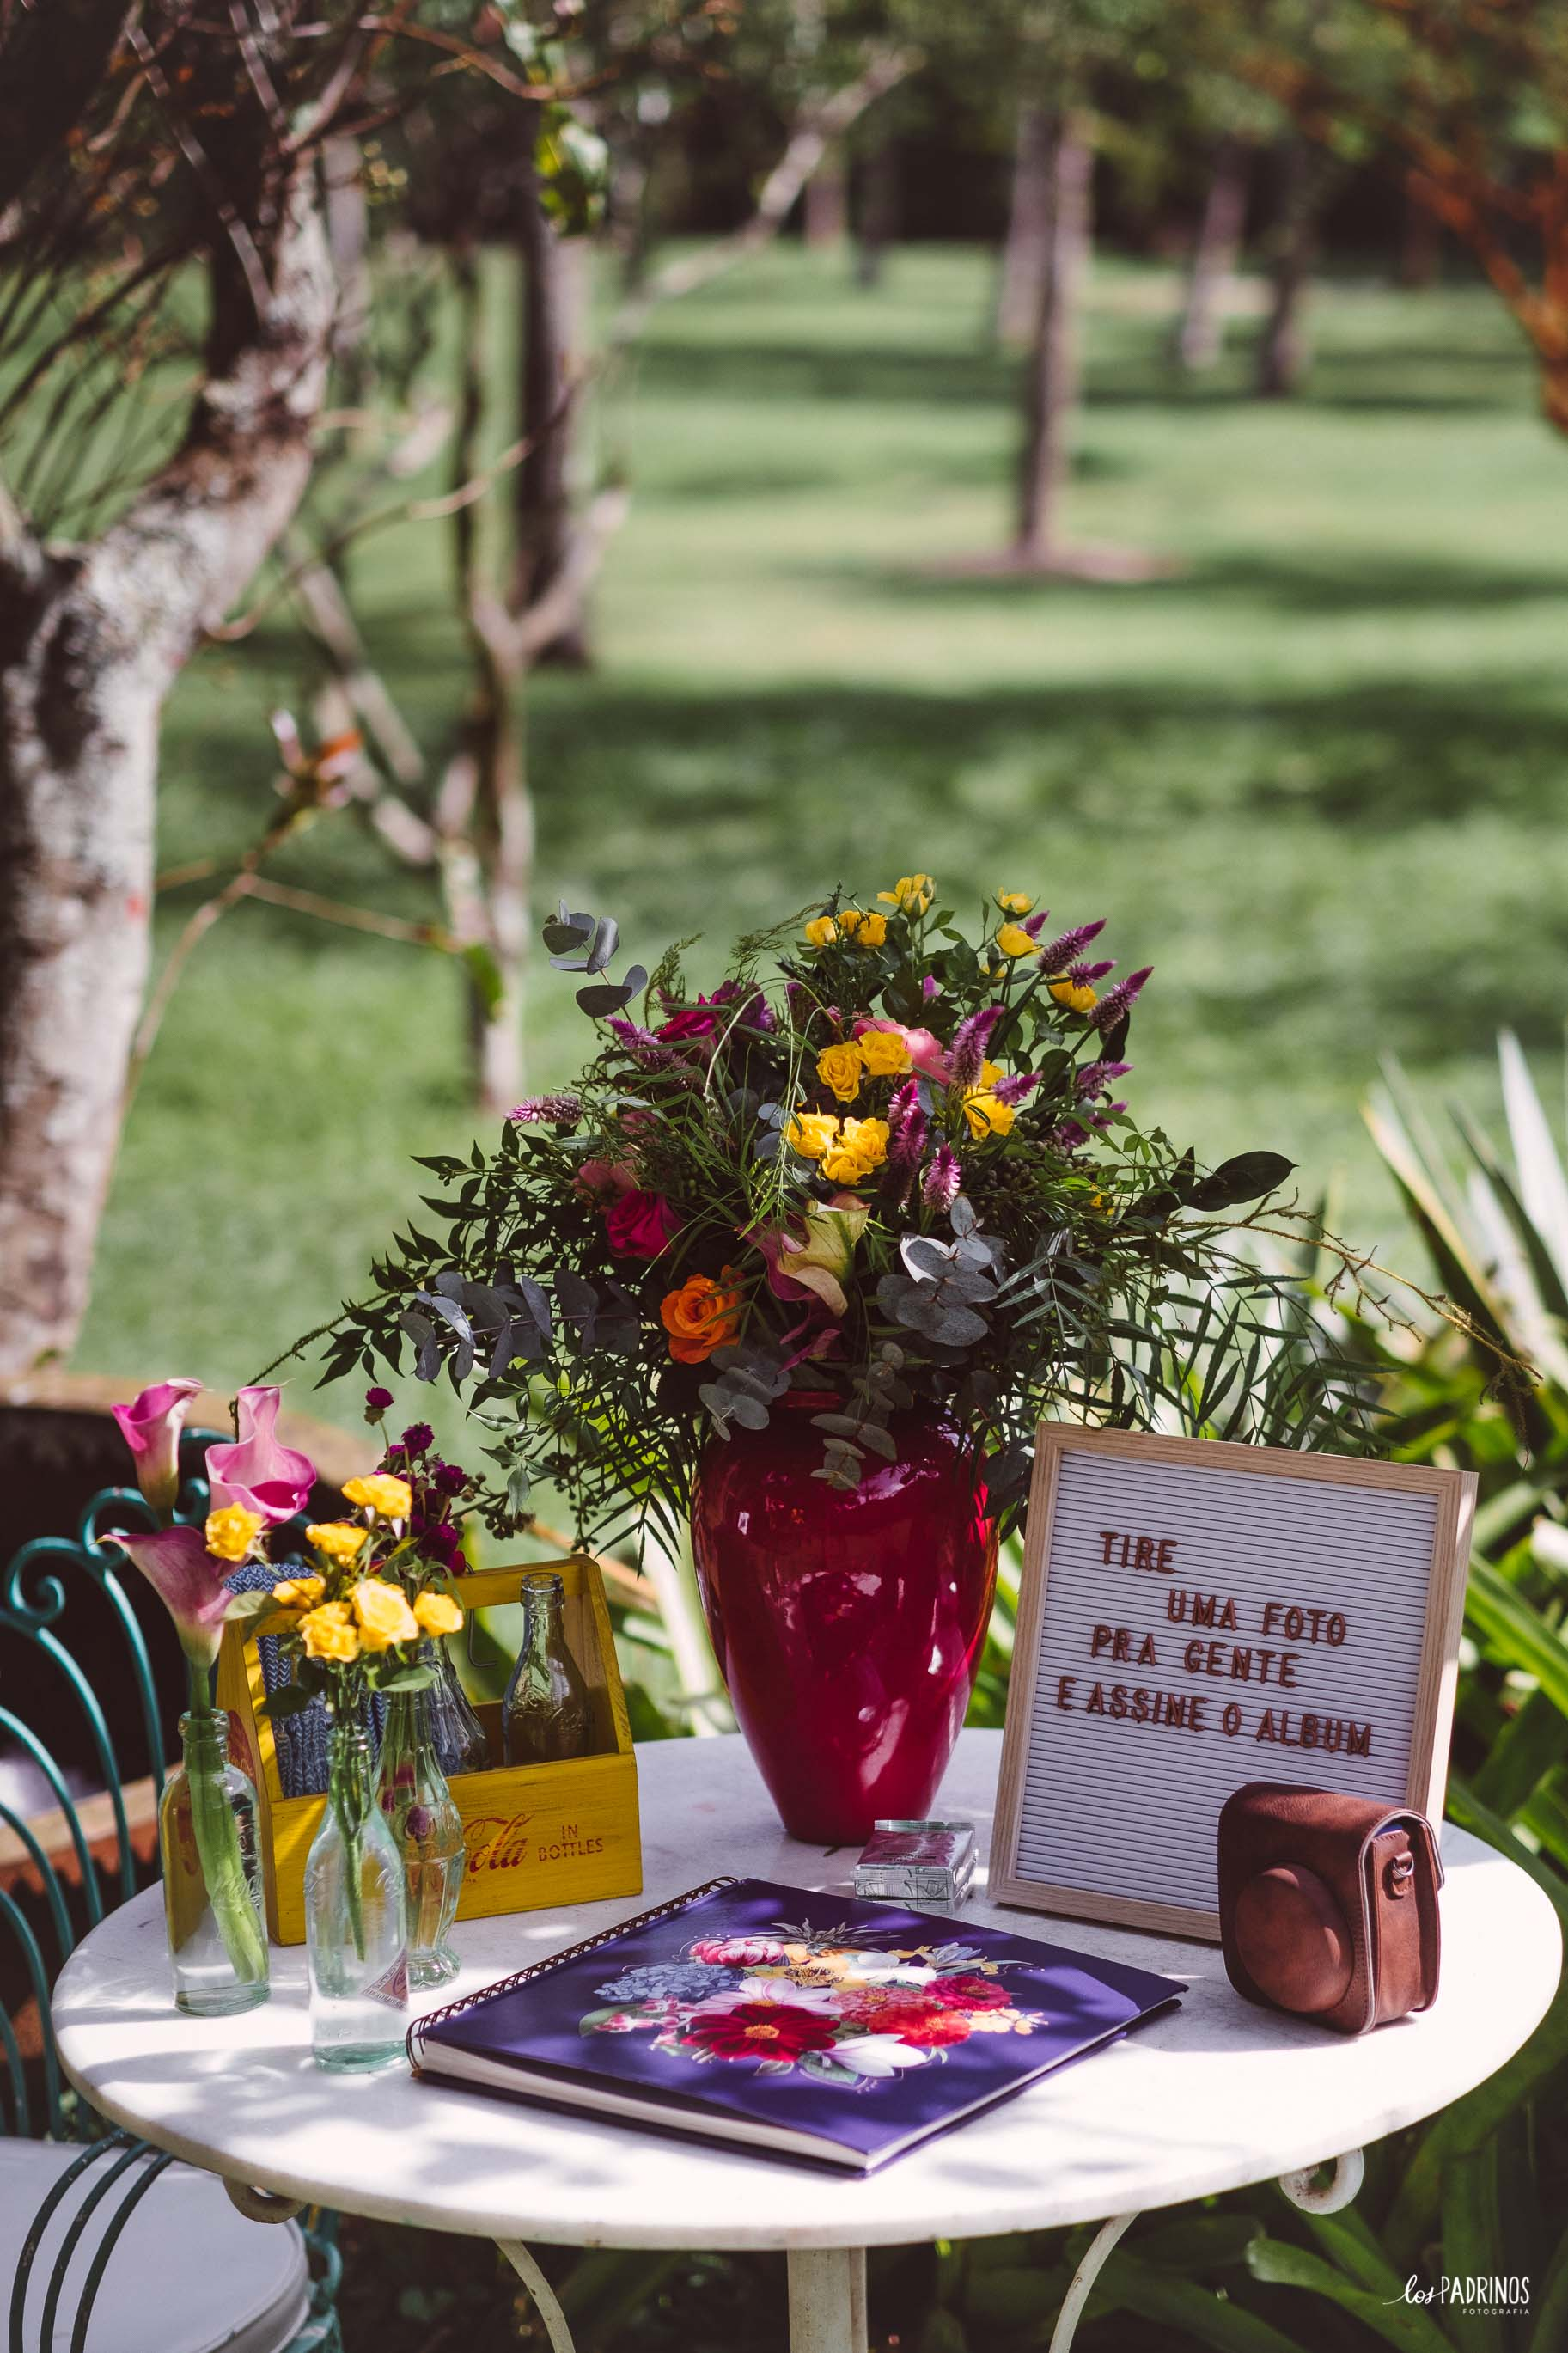 los-padrinos-fotografia-casamento-espaco-arcadia-soraia-roberto-renata-mario_0163.jpg